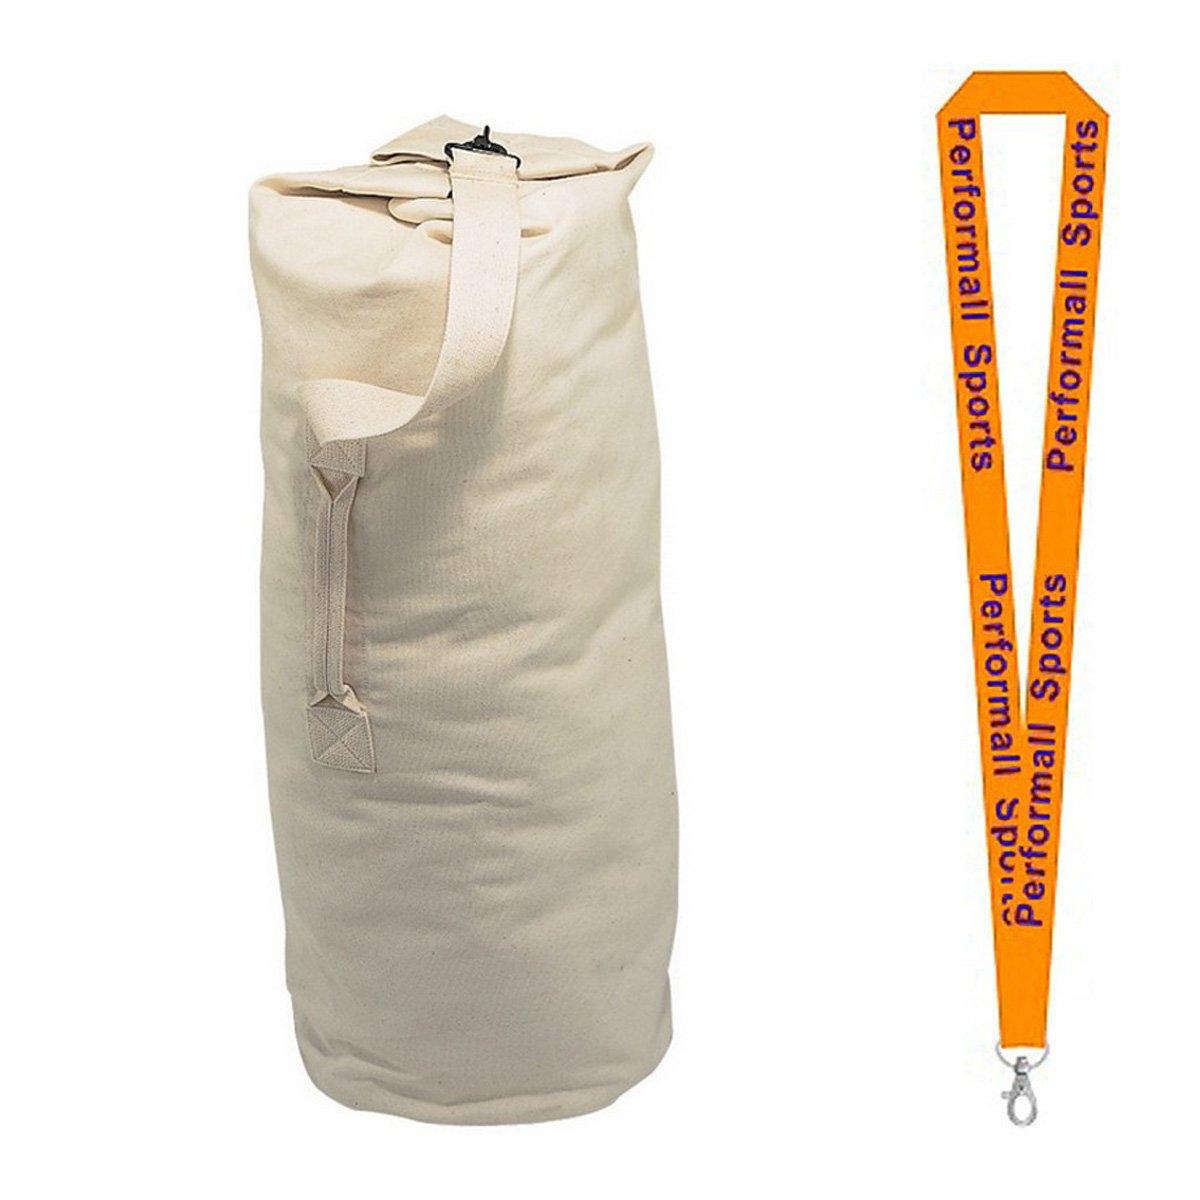 チャンピオンスポーツArmy Duffle Bag 12オンスアソート色とサイズで1 performall Lanyard B01FSZ6K0K  ベージュ 12oz